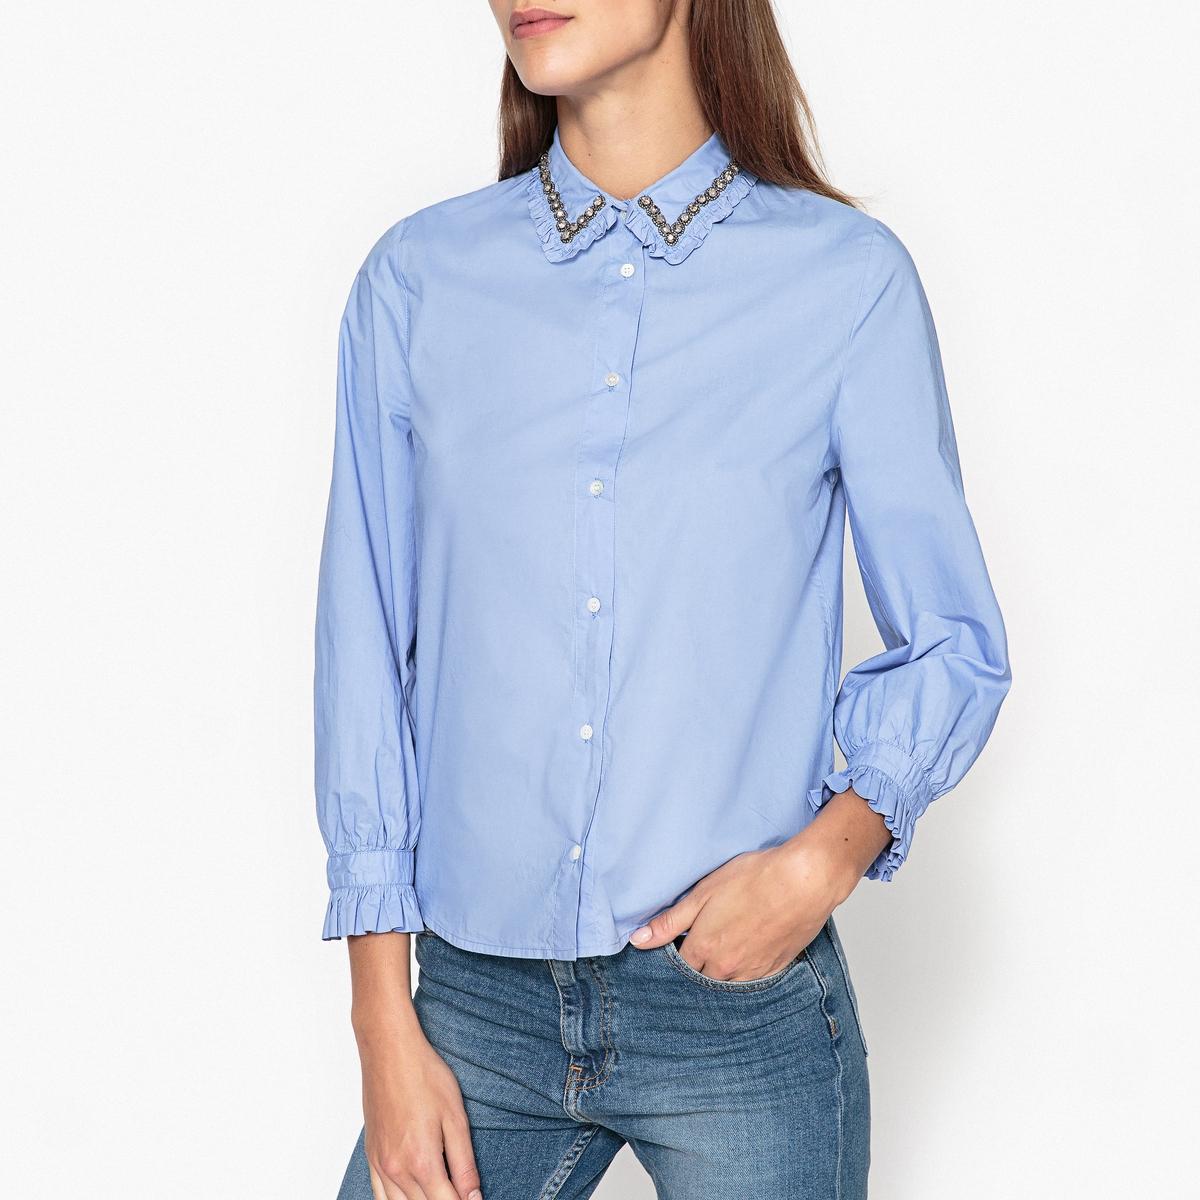 Рубашка с воротником с украшением ODAKOTA5